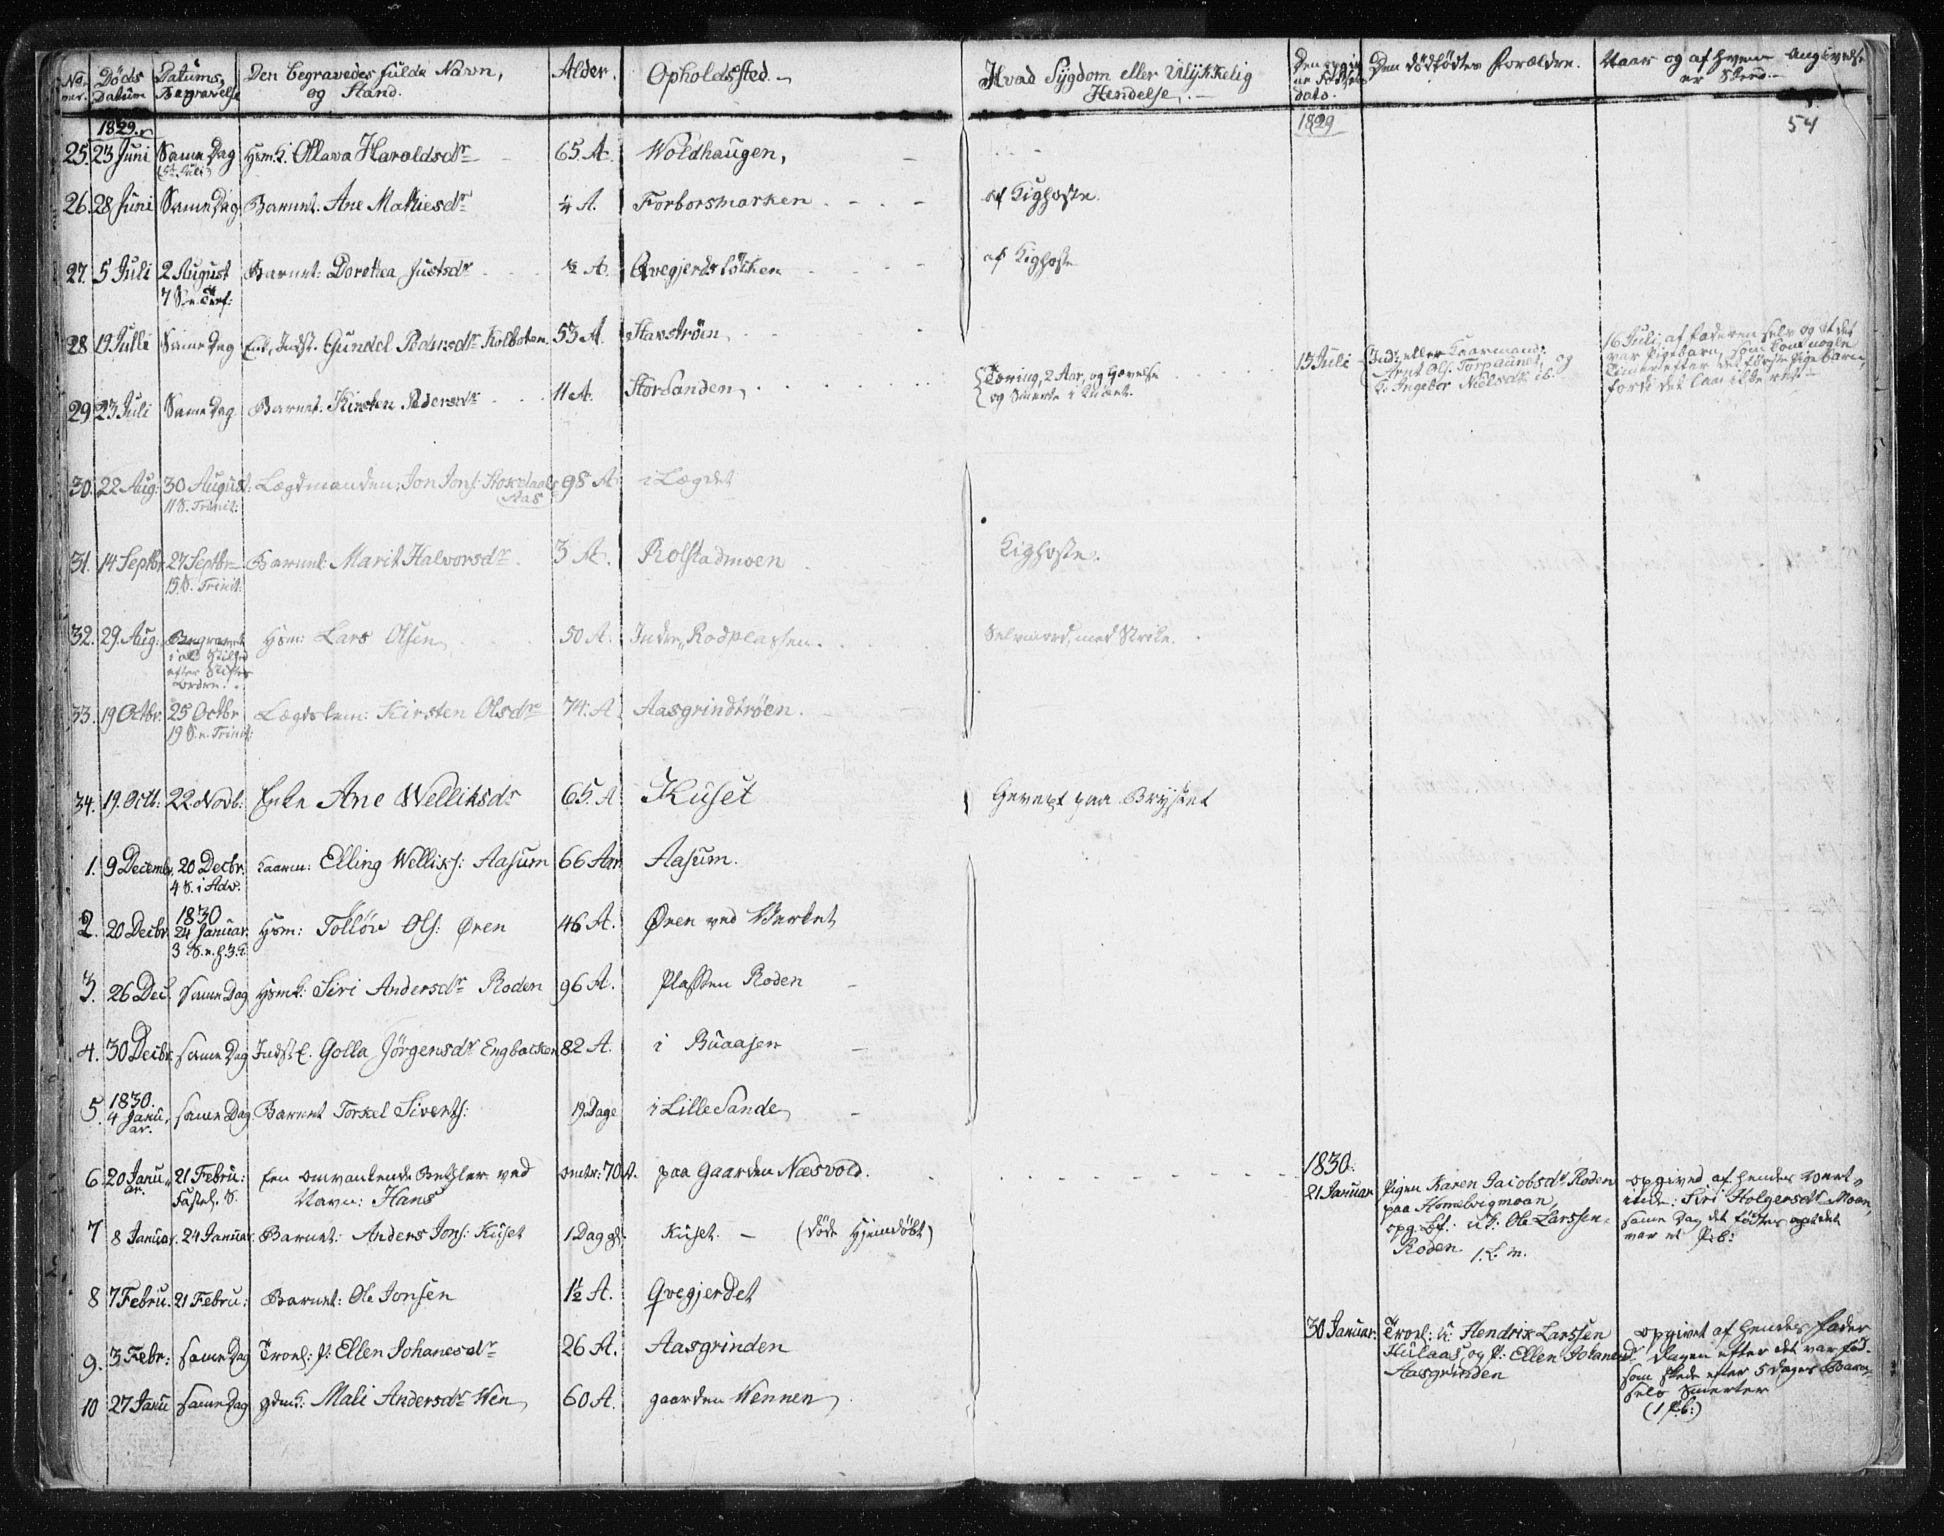 SAT, Ministerialprotokoller, klokkerbøker og fødselsregistre - Sør-Trøndelag, 616/L0404: Ministerialbok nr. 616A01, 1823-1831, s. 54